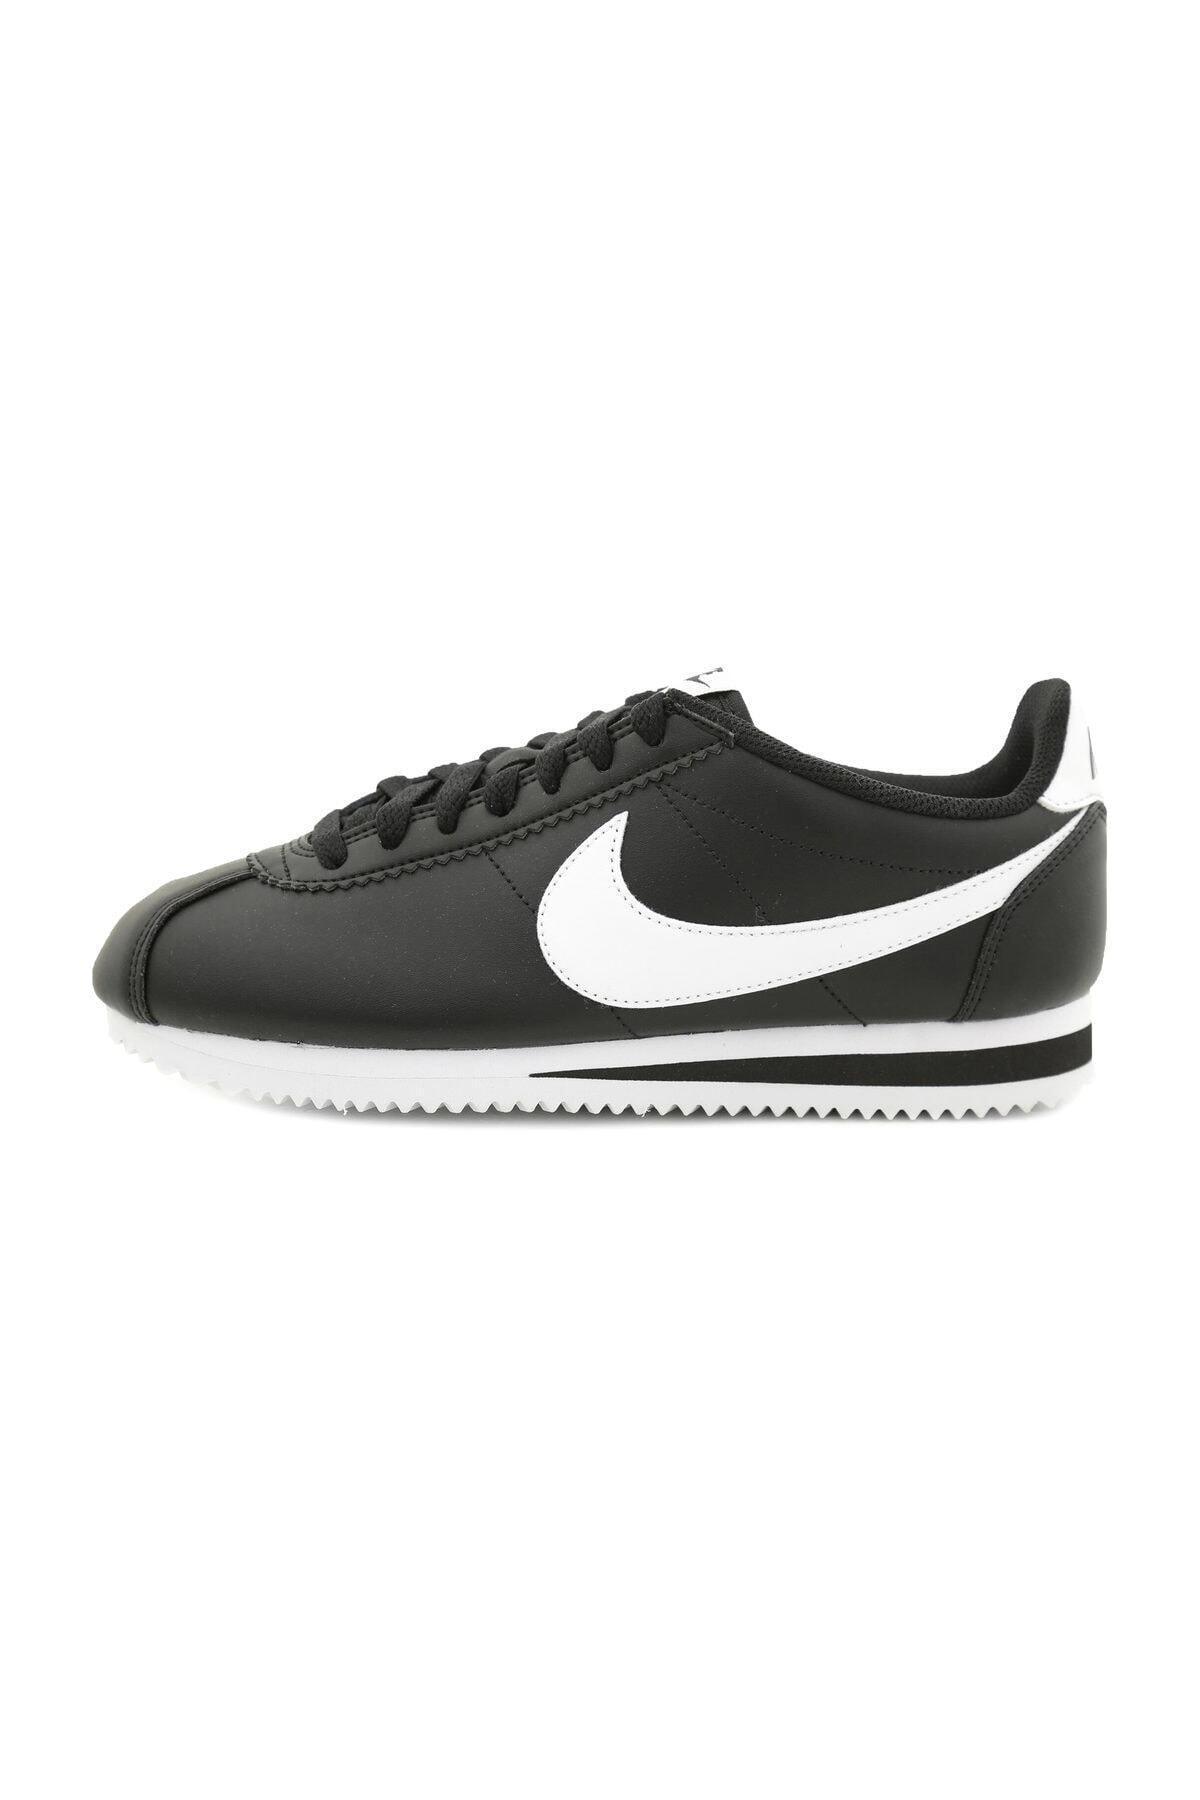 Nike 807471-010 Classic Cortez Spor Ayakkabı (U1) 2